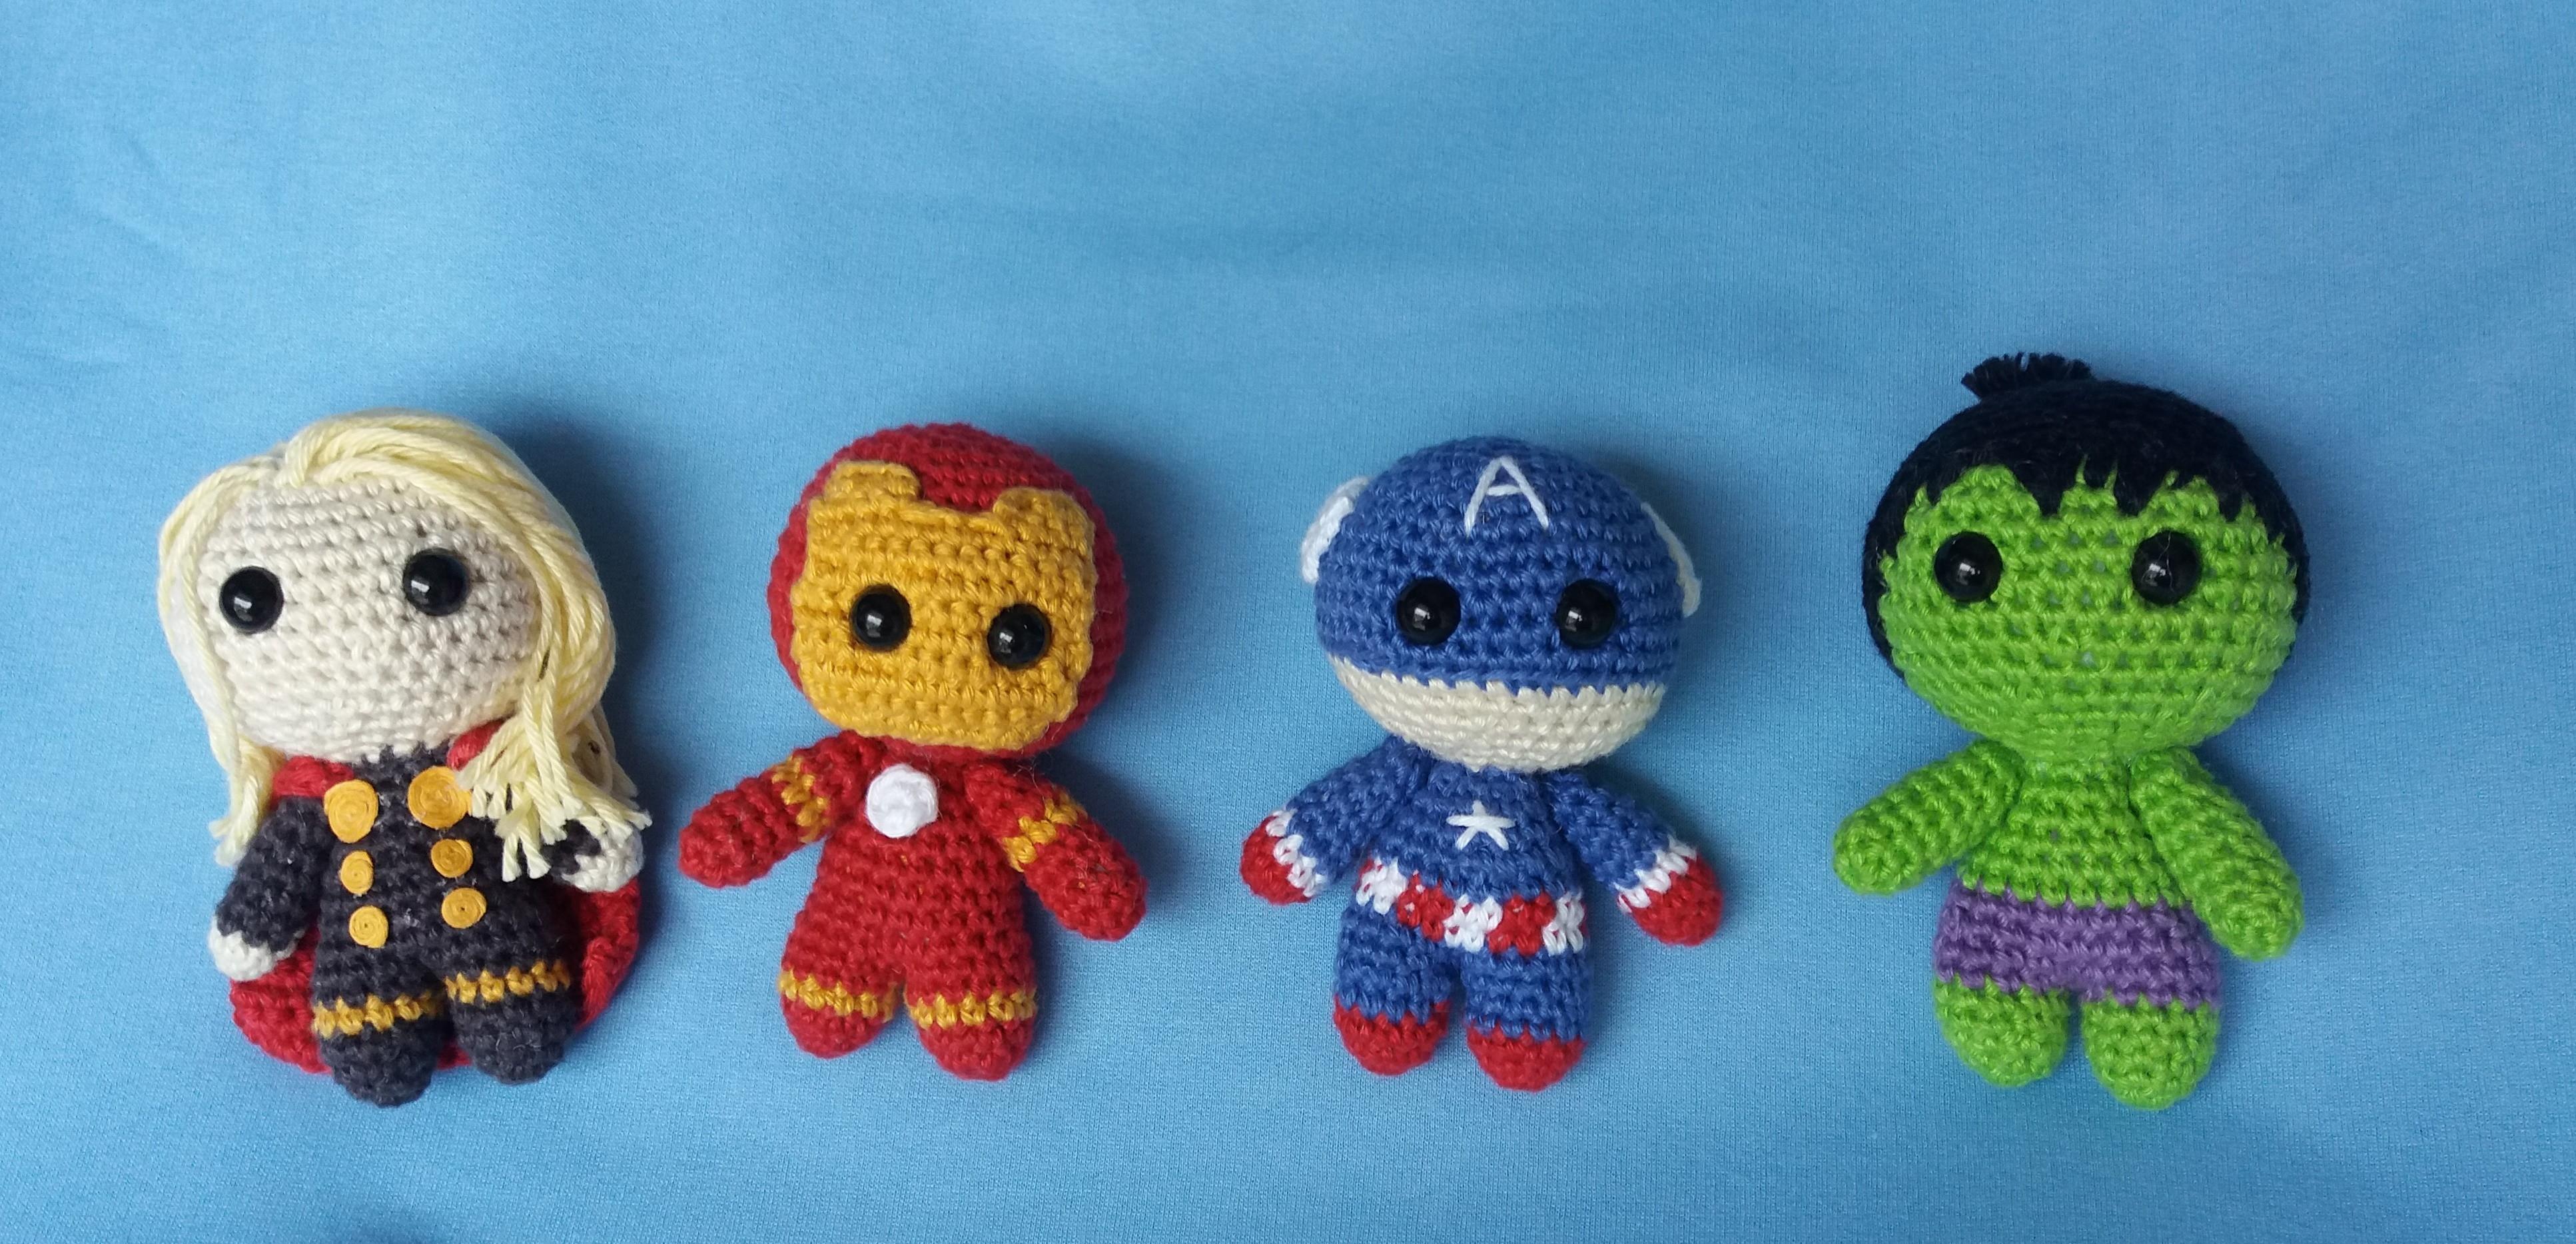 Kit Amigurumi Os Vingadores Feito A Mão De Crochet . - R$ 25,00 em ... | 1867x3867